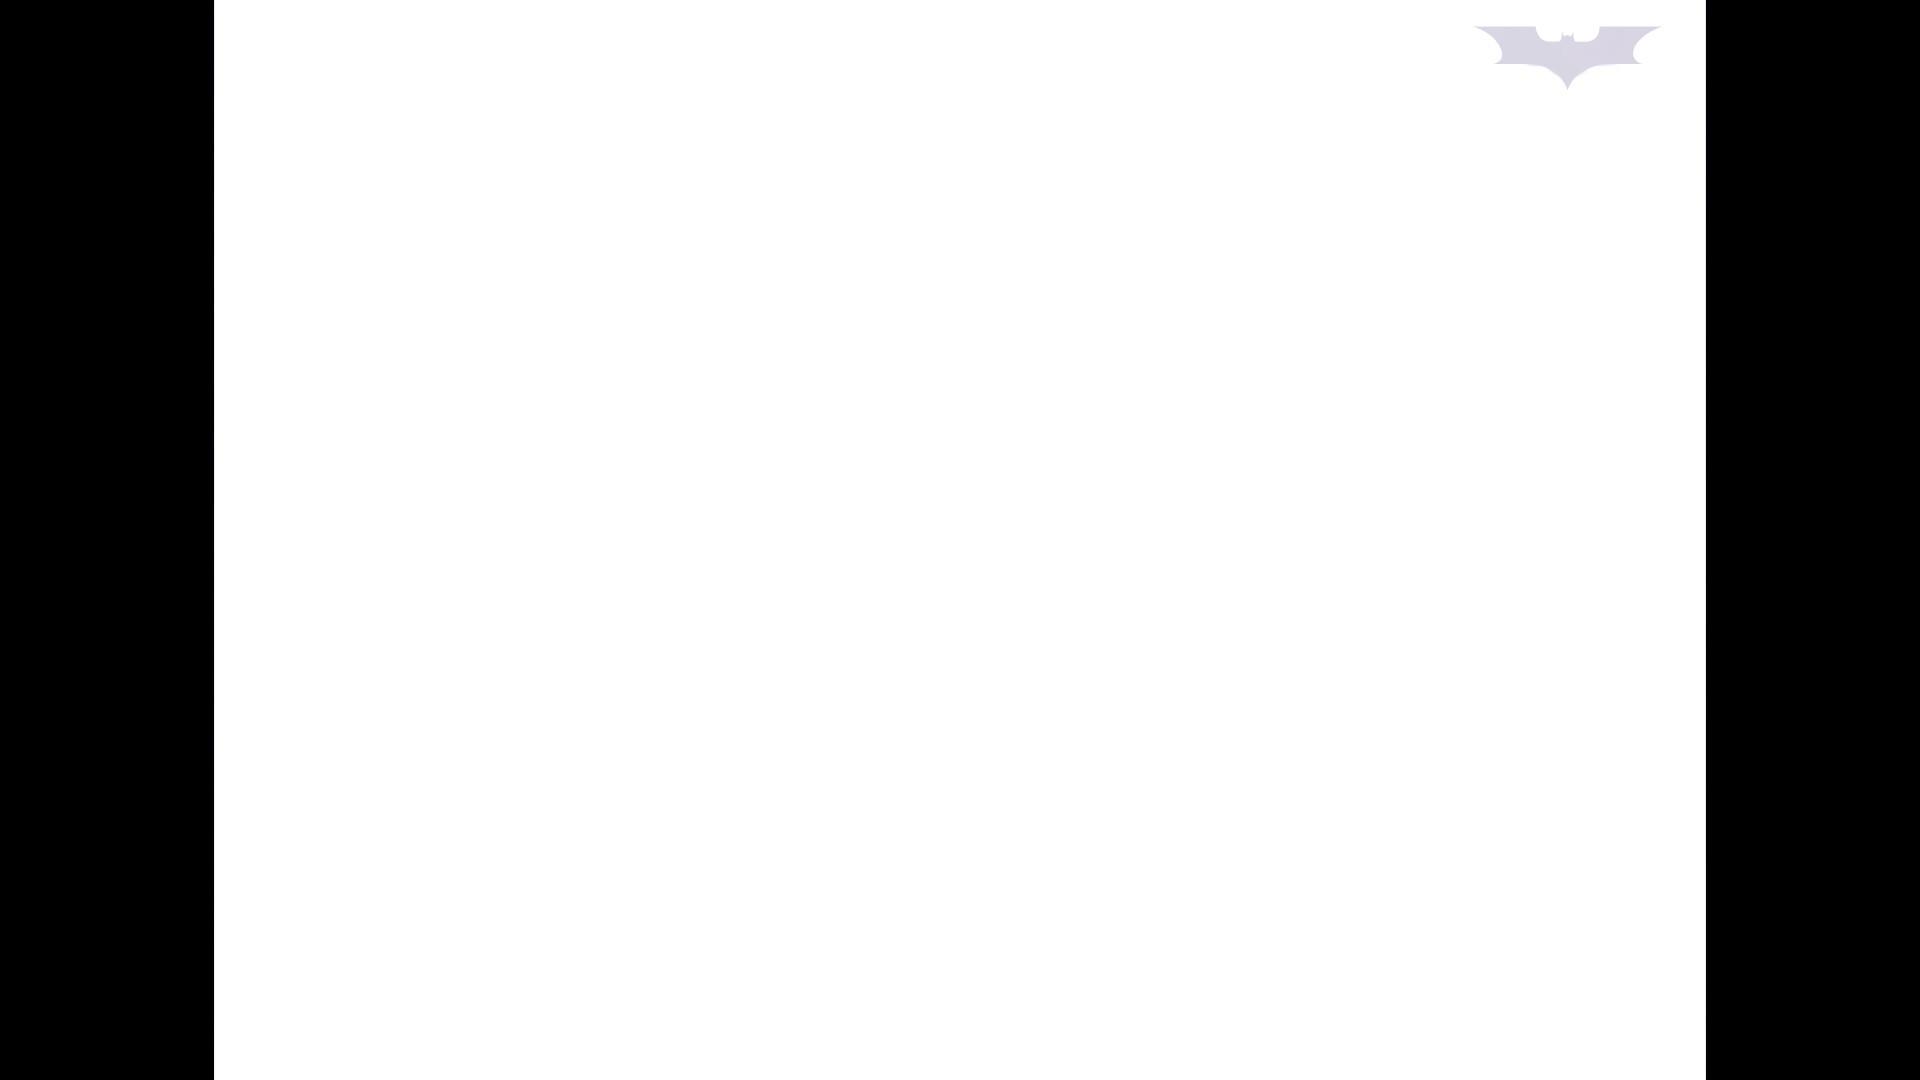 ●生マンコ綺麗にツルぴかですね 期間限定神キタ!ツルピカの放nyo!Vol.20 激かわパイパン  92枚 60